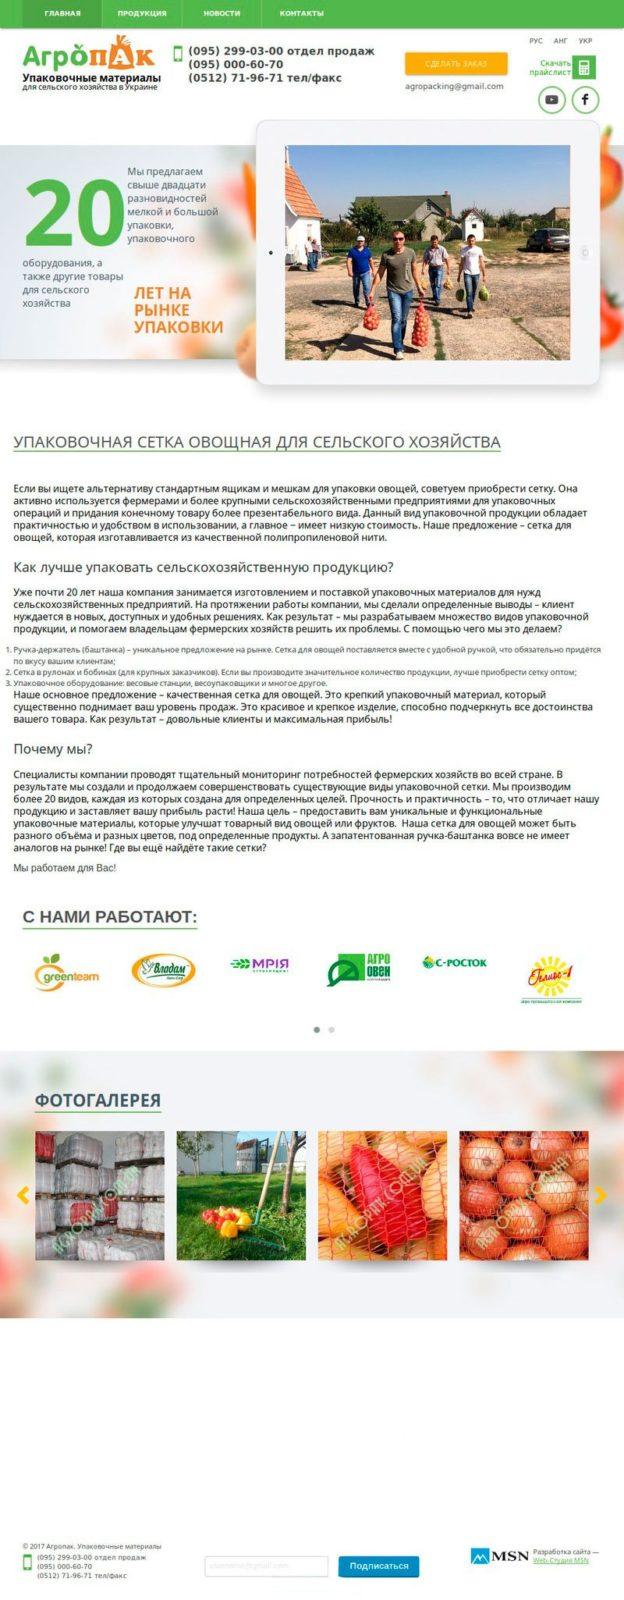 Вэб дизайн, изготовление сайтов, раскрутка сайта, яндекс реклама oods/96 именно в нашей компании раскрутка сайтов с гарантией качества